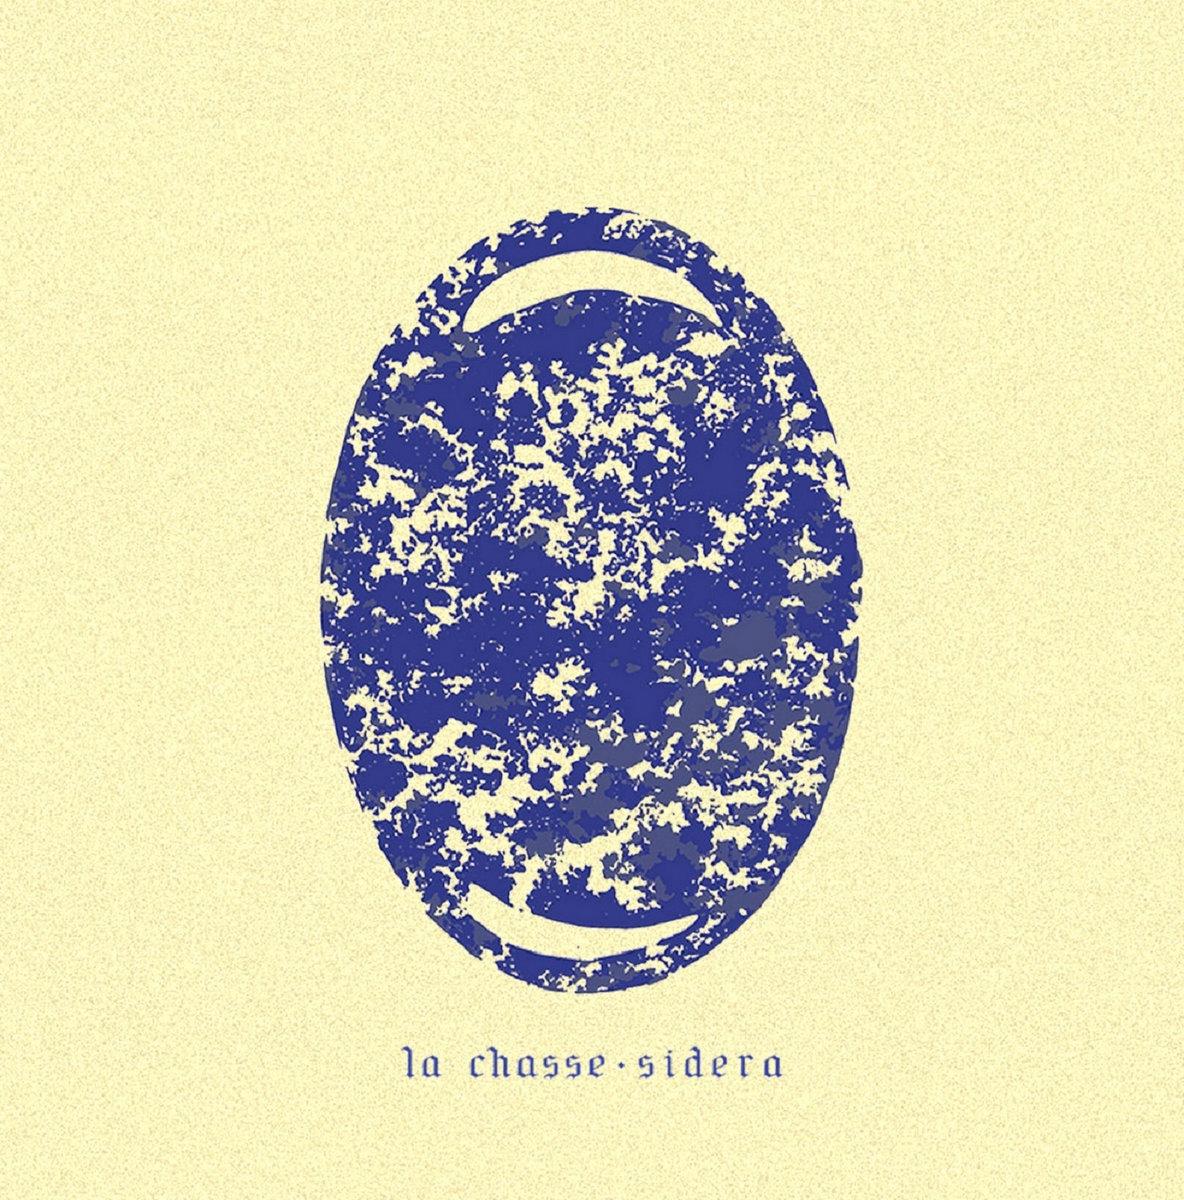 LA CHASSE - Sidera